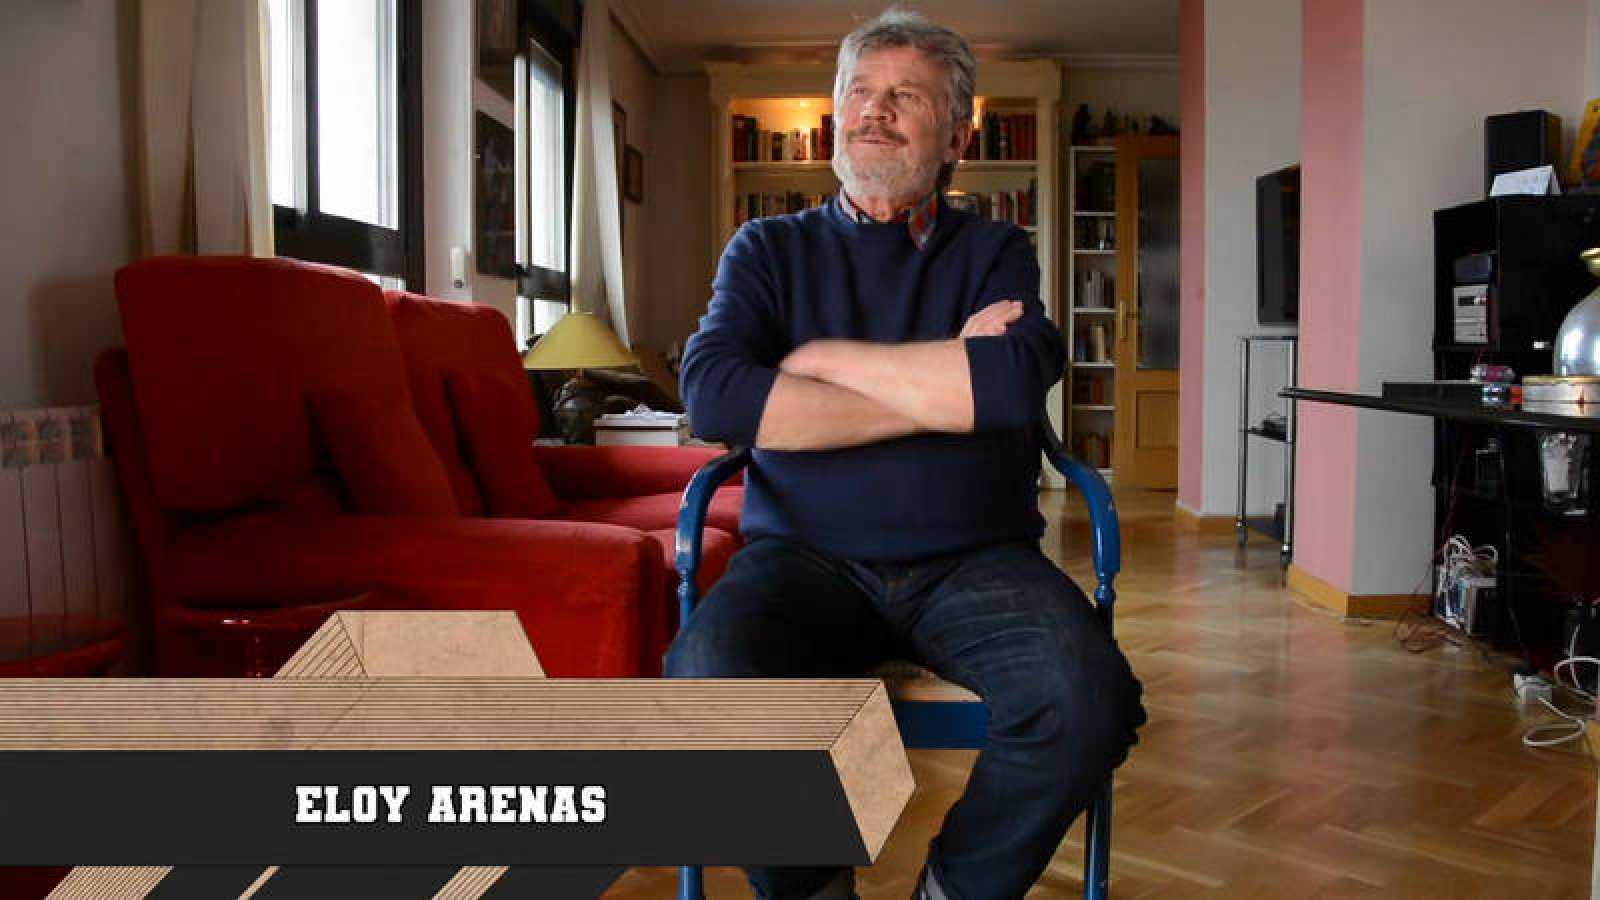 Eloy Arenas, personaje de la semana en 'Ritmo urbano'